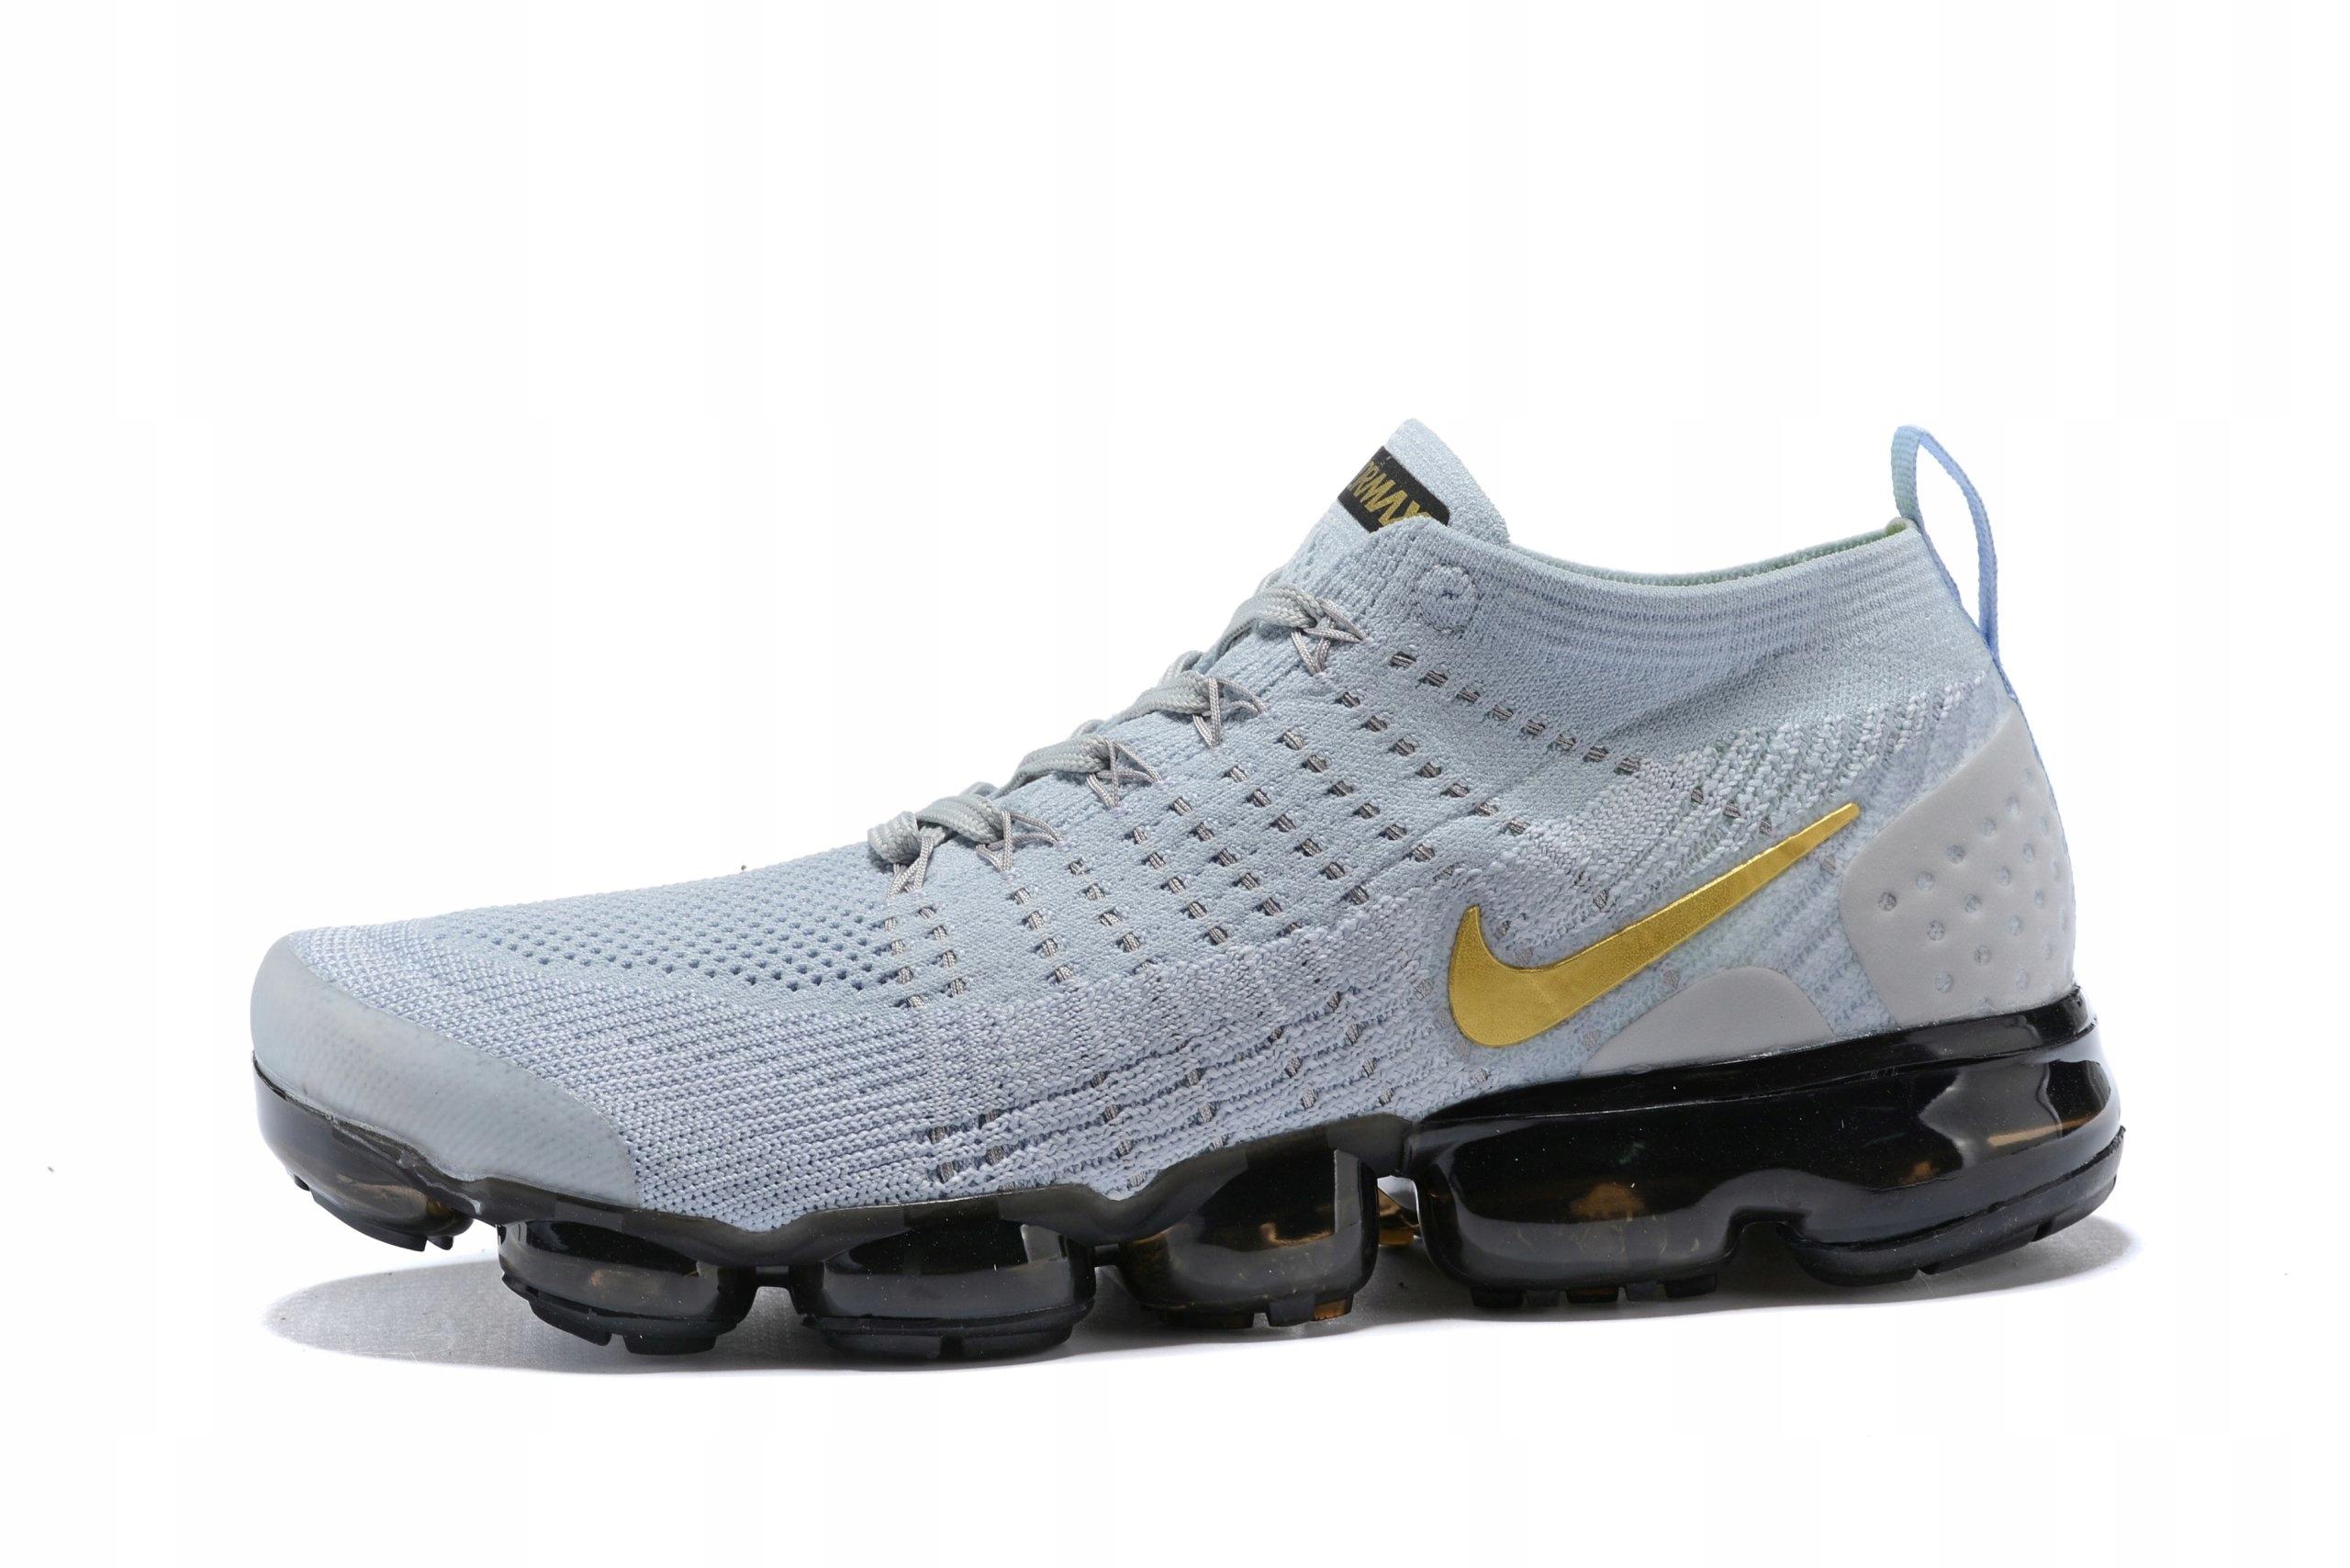 Nike air max tn nowe różne kolory rozmiary czarne białe